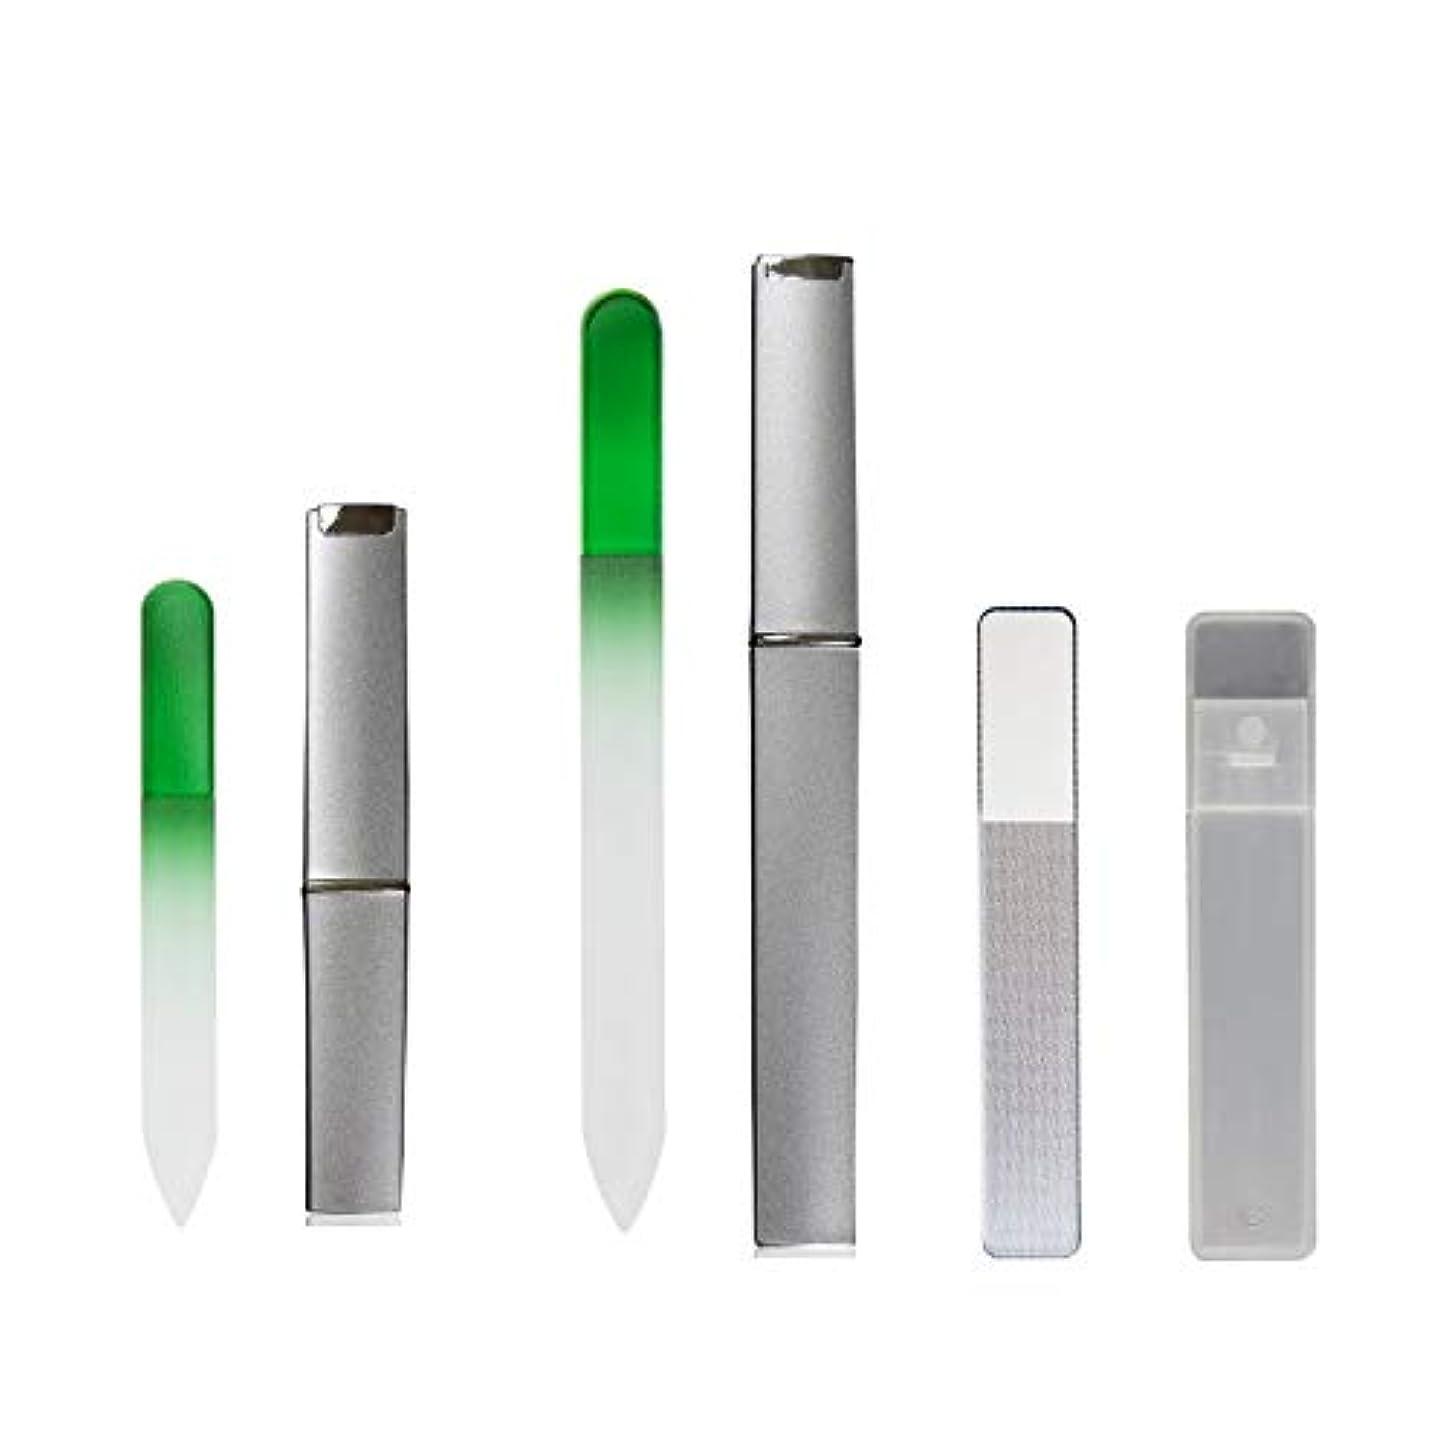 と遊ぶ口述のため4点セット 爪やすり 爪磨き ガラス製 専用 ケース付 ネイル ケア